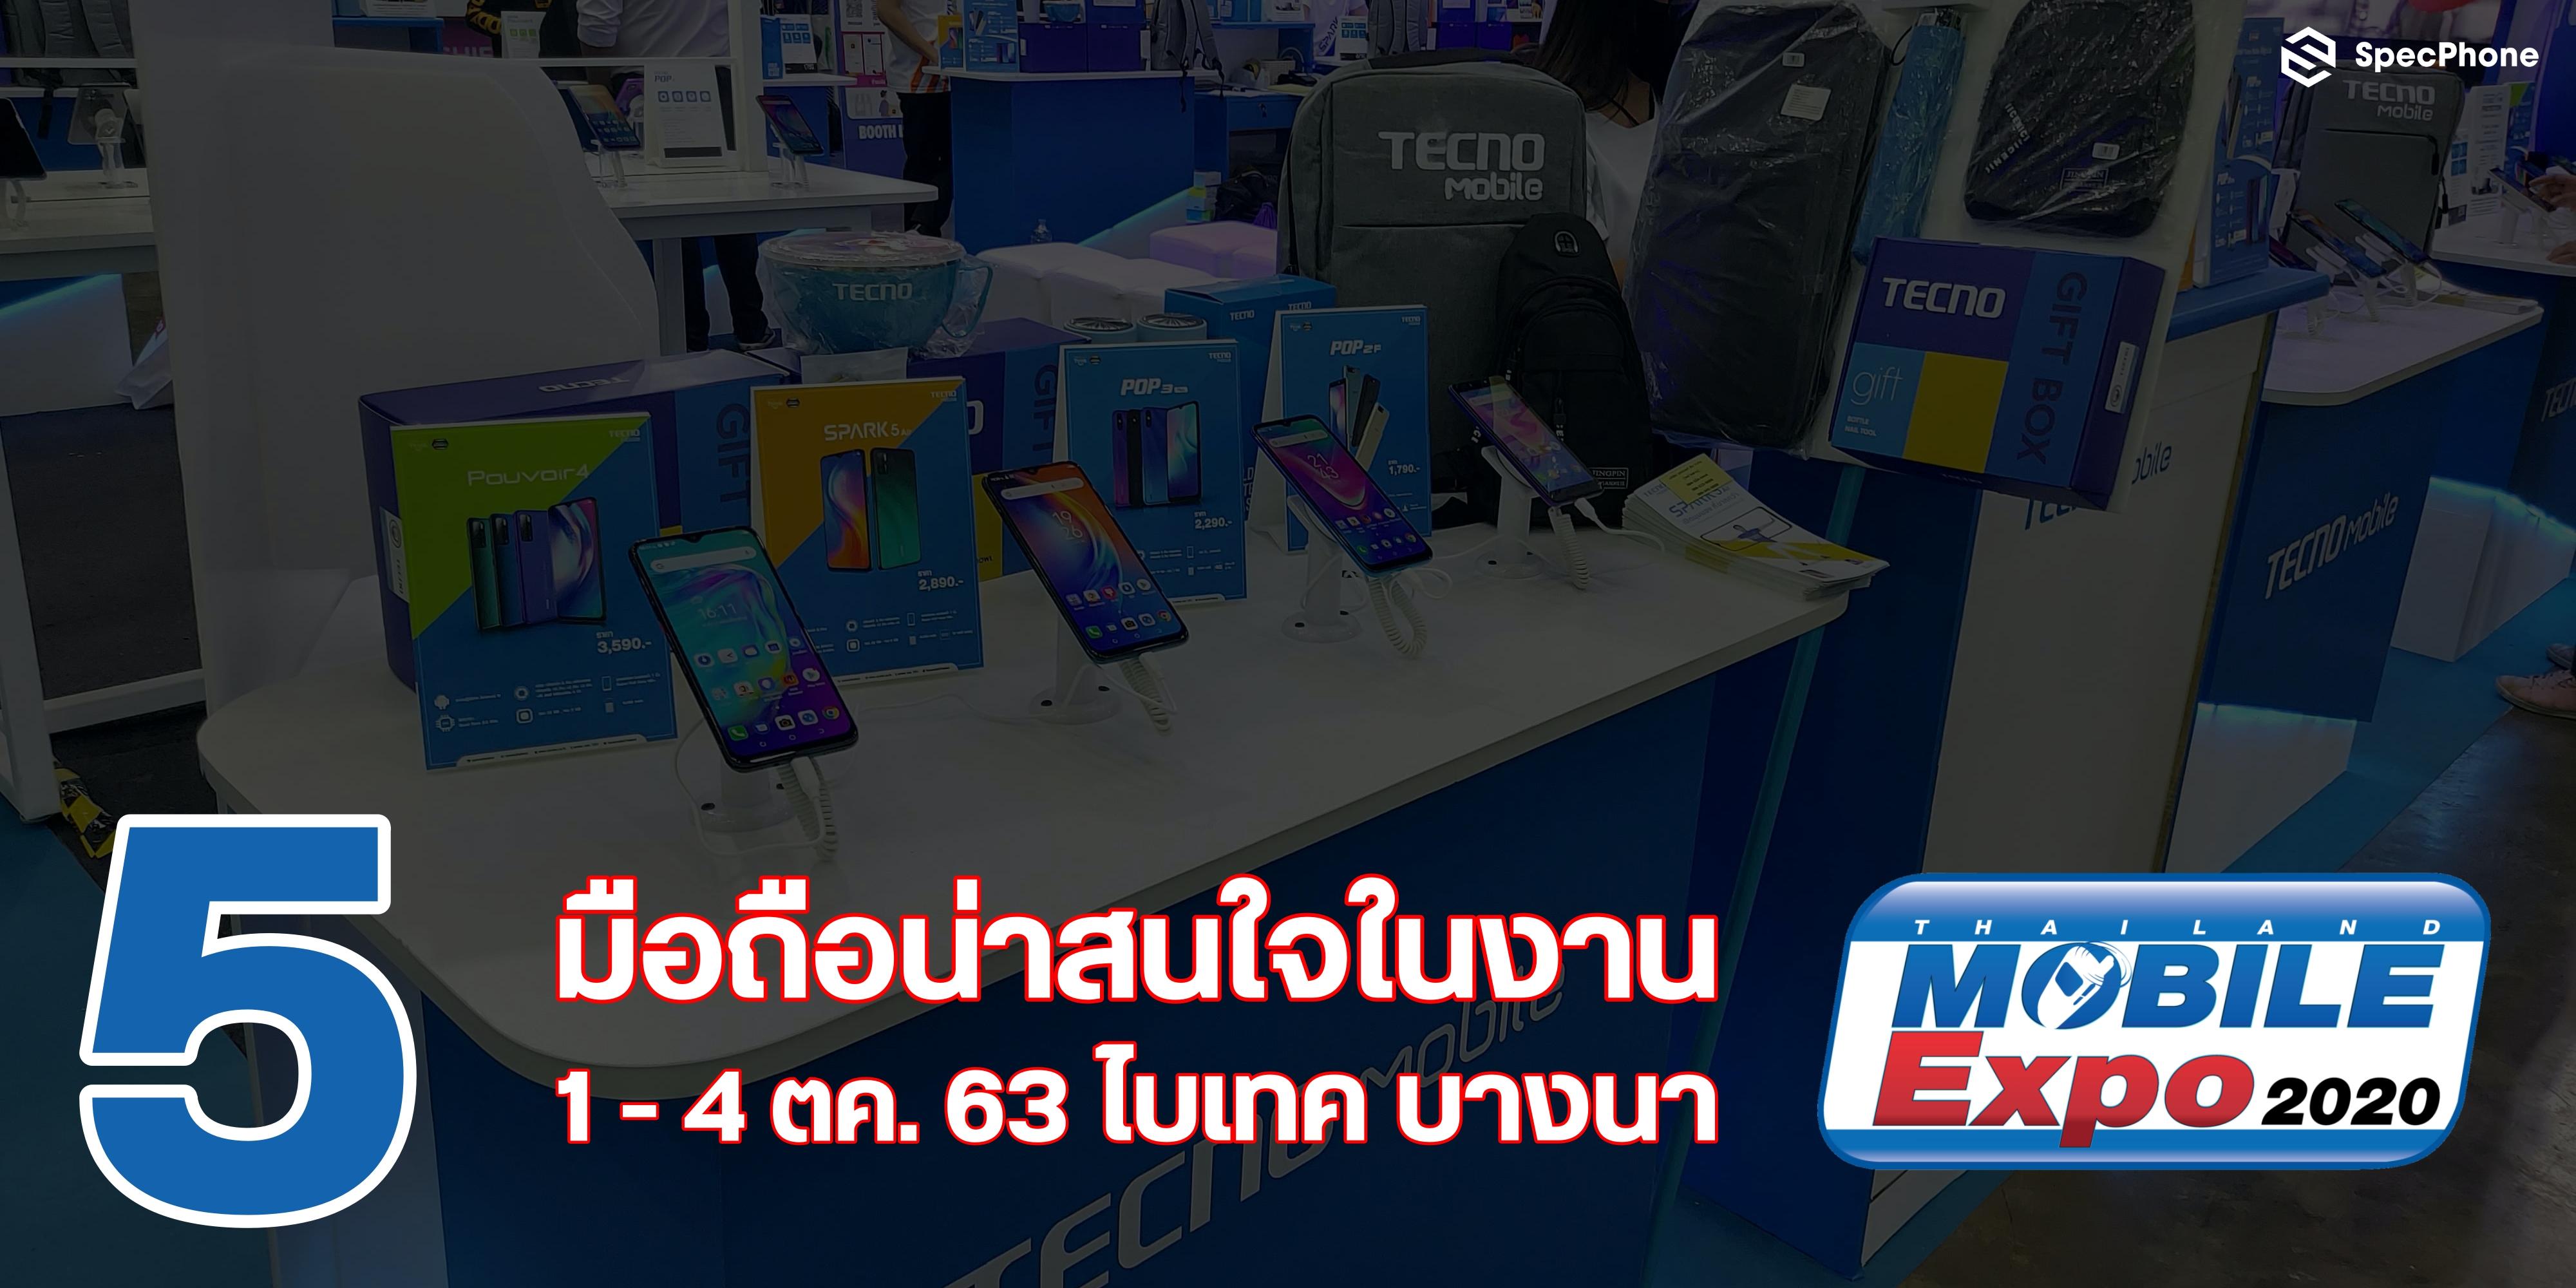 5 มือถือน่าสนใจจากงาน Thailand Mobile Expo 2020